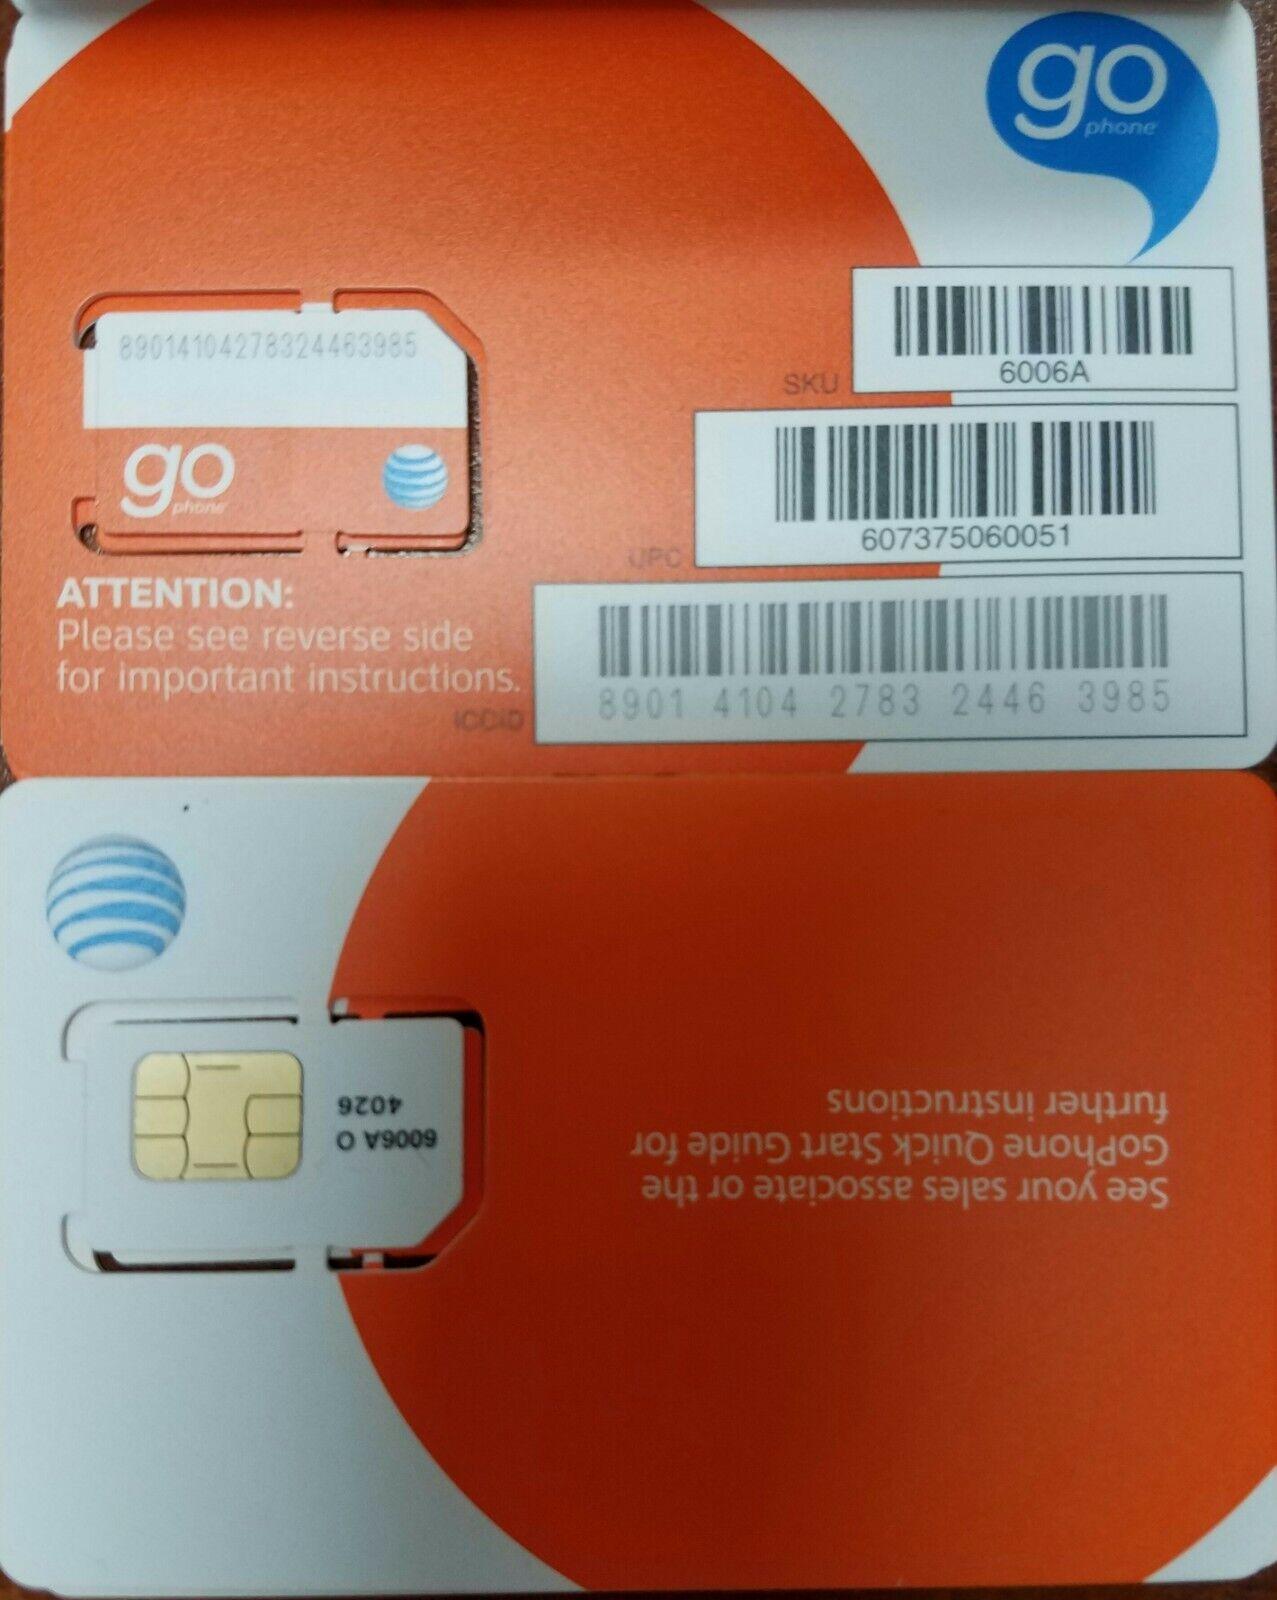 как выглядит SIM-карта для мобильного телефона NEW AT&T ATT GoPhone SIM CARD REGULAR SIZE 3G . SKU 73043 фото